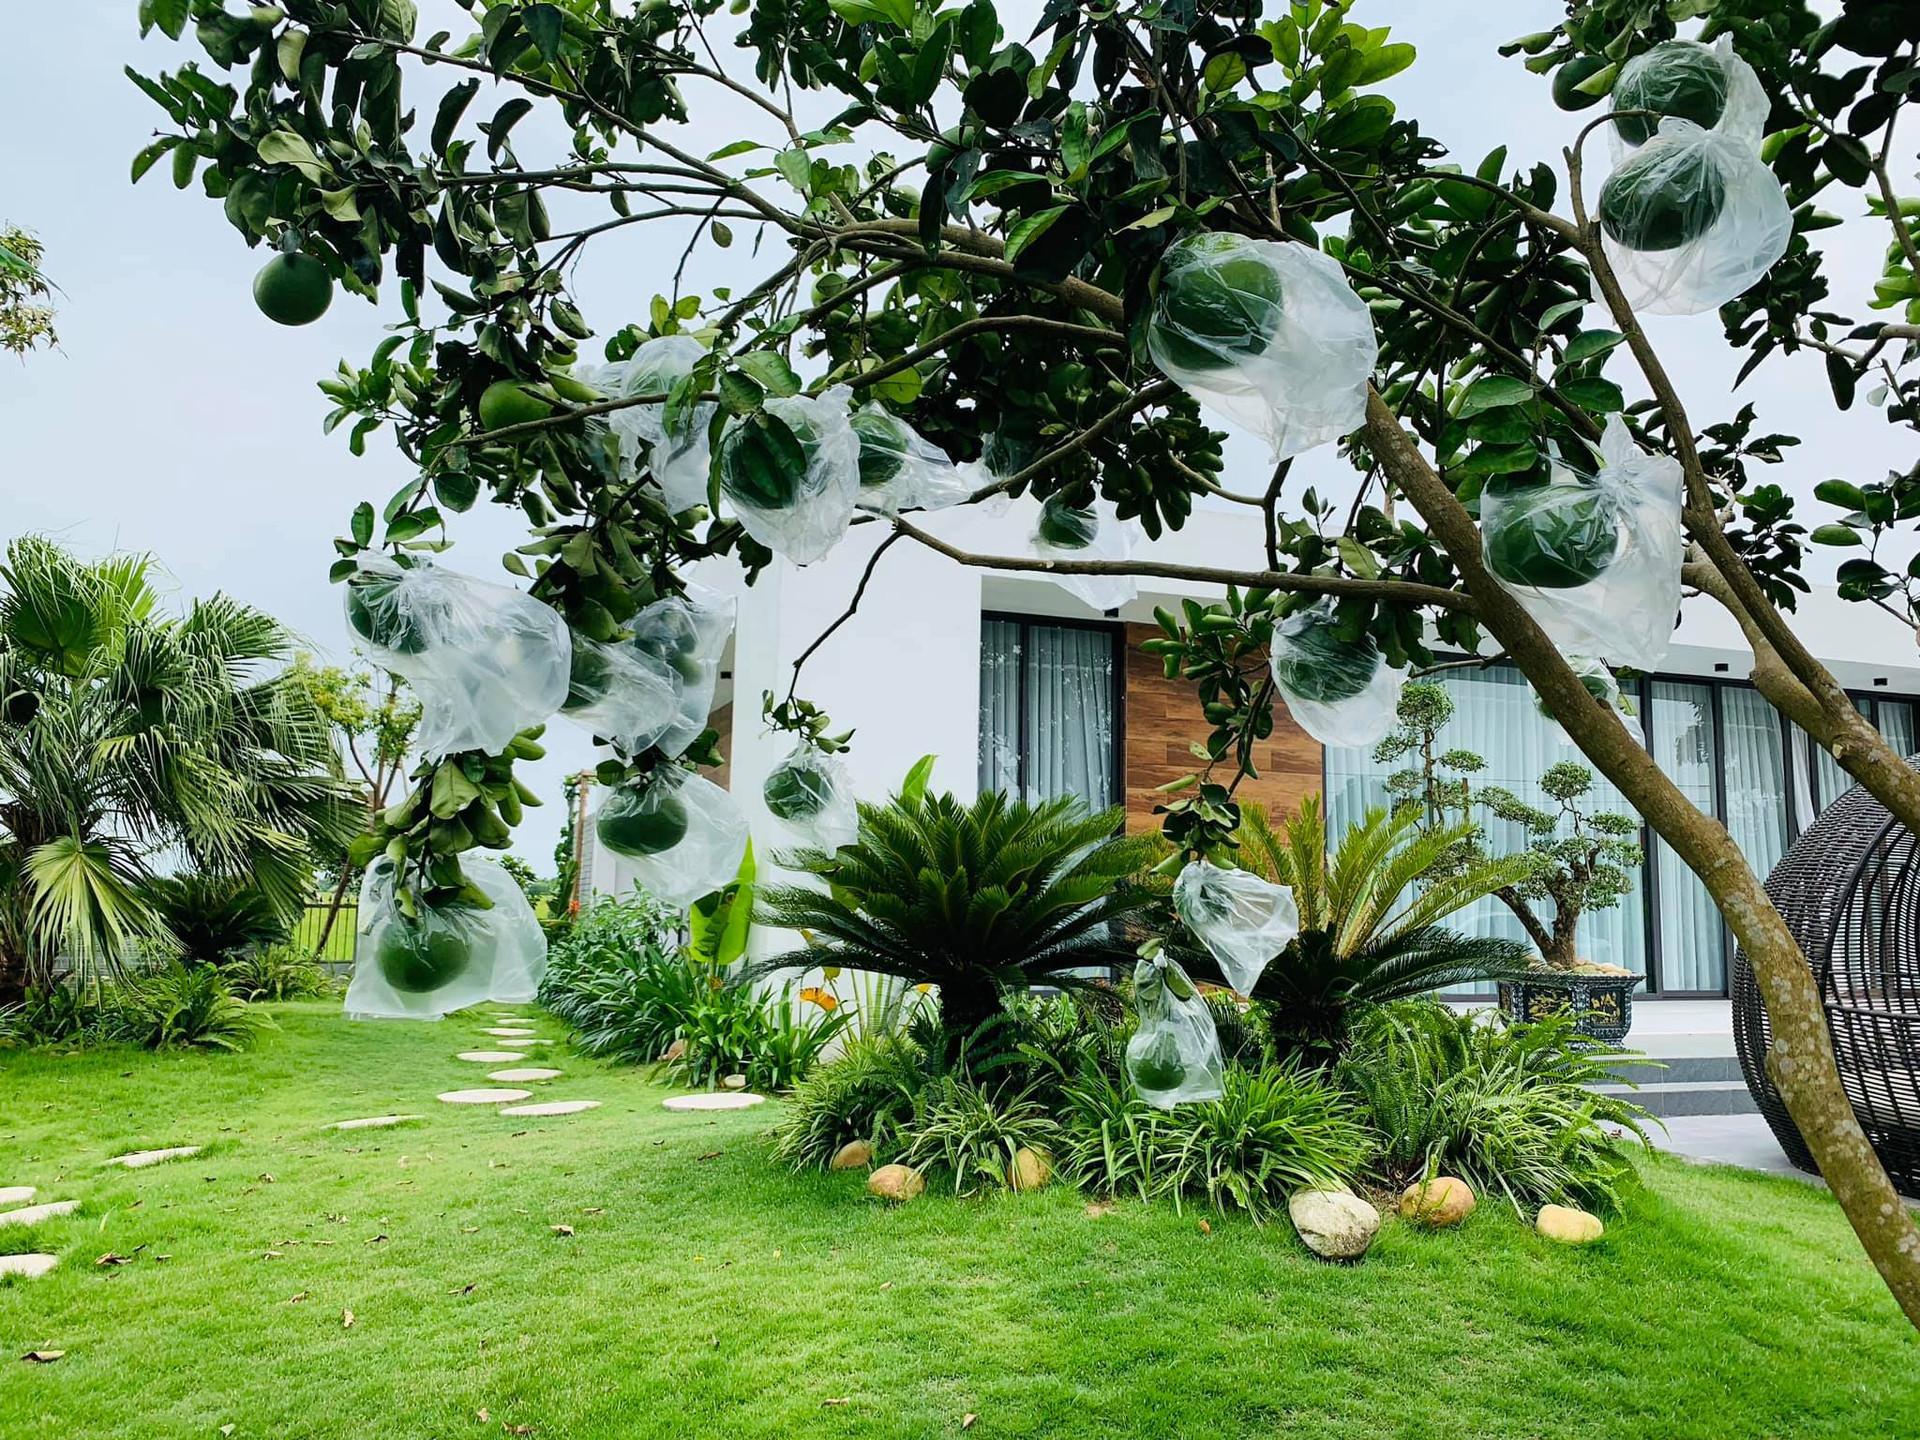 Phòng tắm lộ thiên, mái là giàn cây leo xanh mát trong ngôi nhà hộp 1 tầng-4